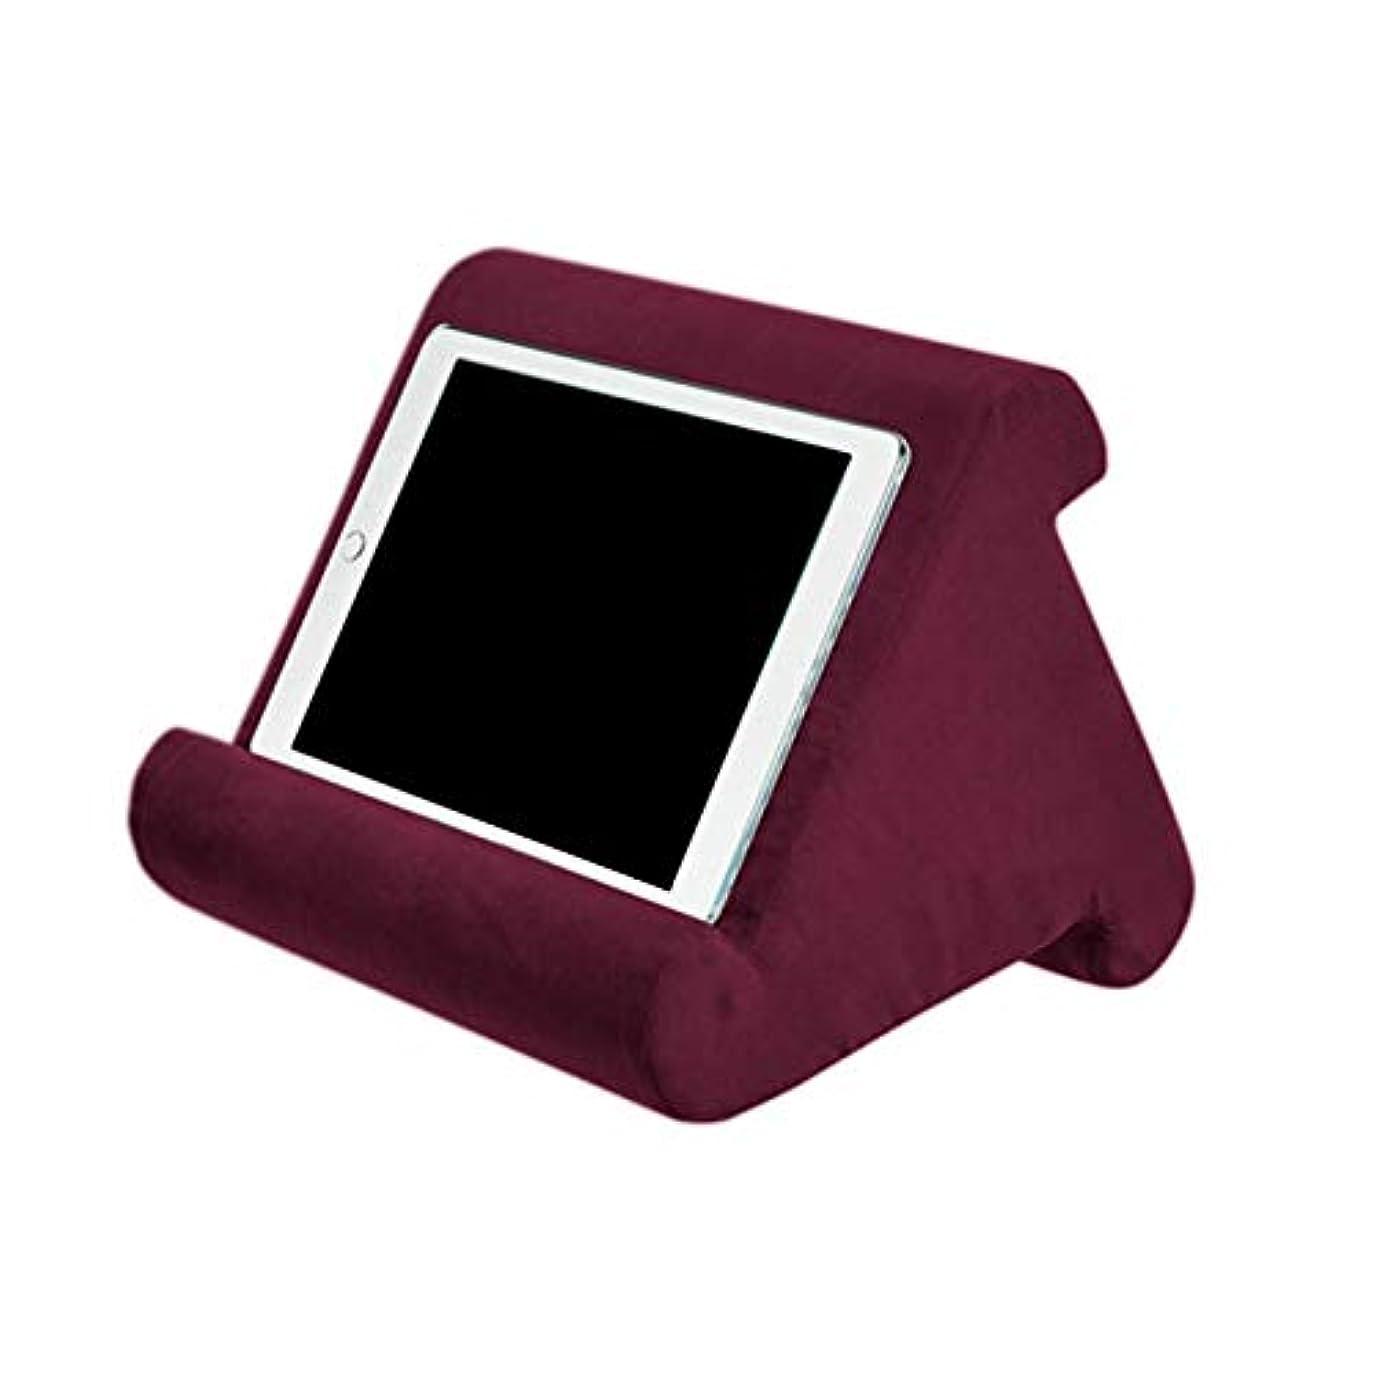 提供マルクス主義者メーターLIFE家庭用タブレット枕ホルダースタンドブック残り読書サポートクッションベッドソファマルチアングルソフト枕ラップスタンドクッションクッション 椅子